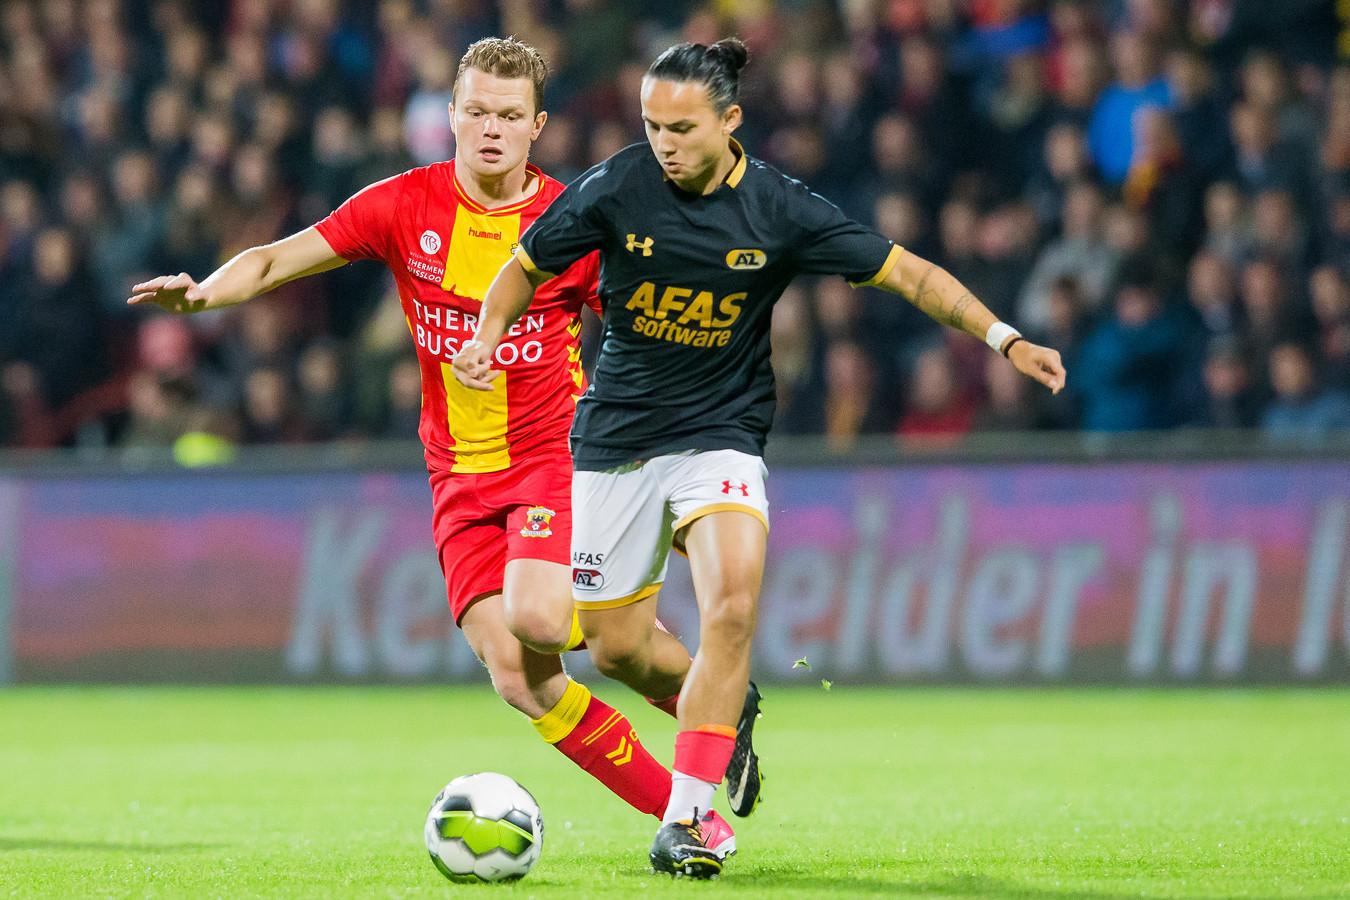 Jong AZ-speler Levi Opdam (r) houdt GA Eagles-aanvaller Pieter Langedijk (l) van de bal, eerder dit seizoen in de Adelaarshorst. De rest van dit seizoen zijn ze ploeggenoten in Deventer.